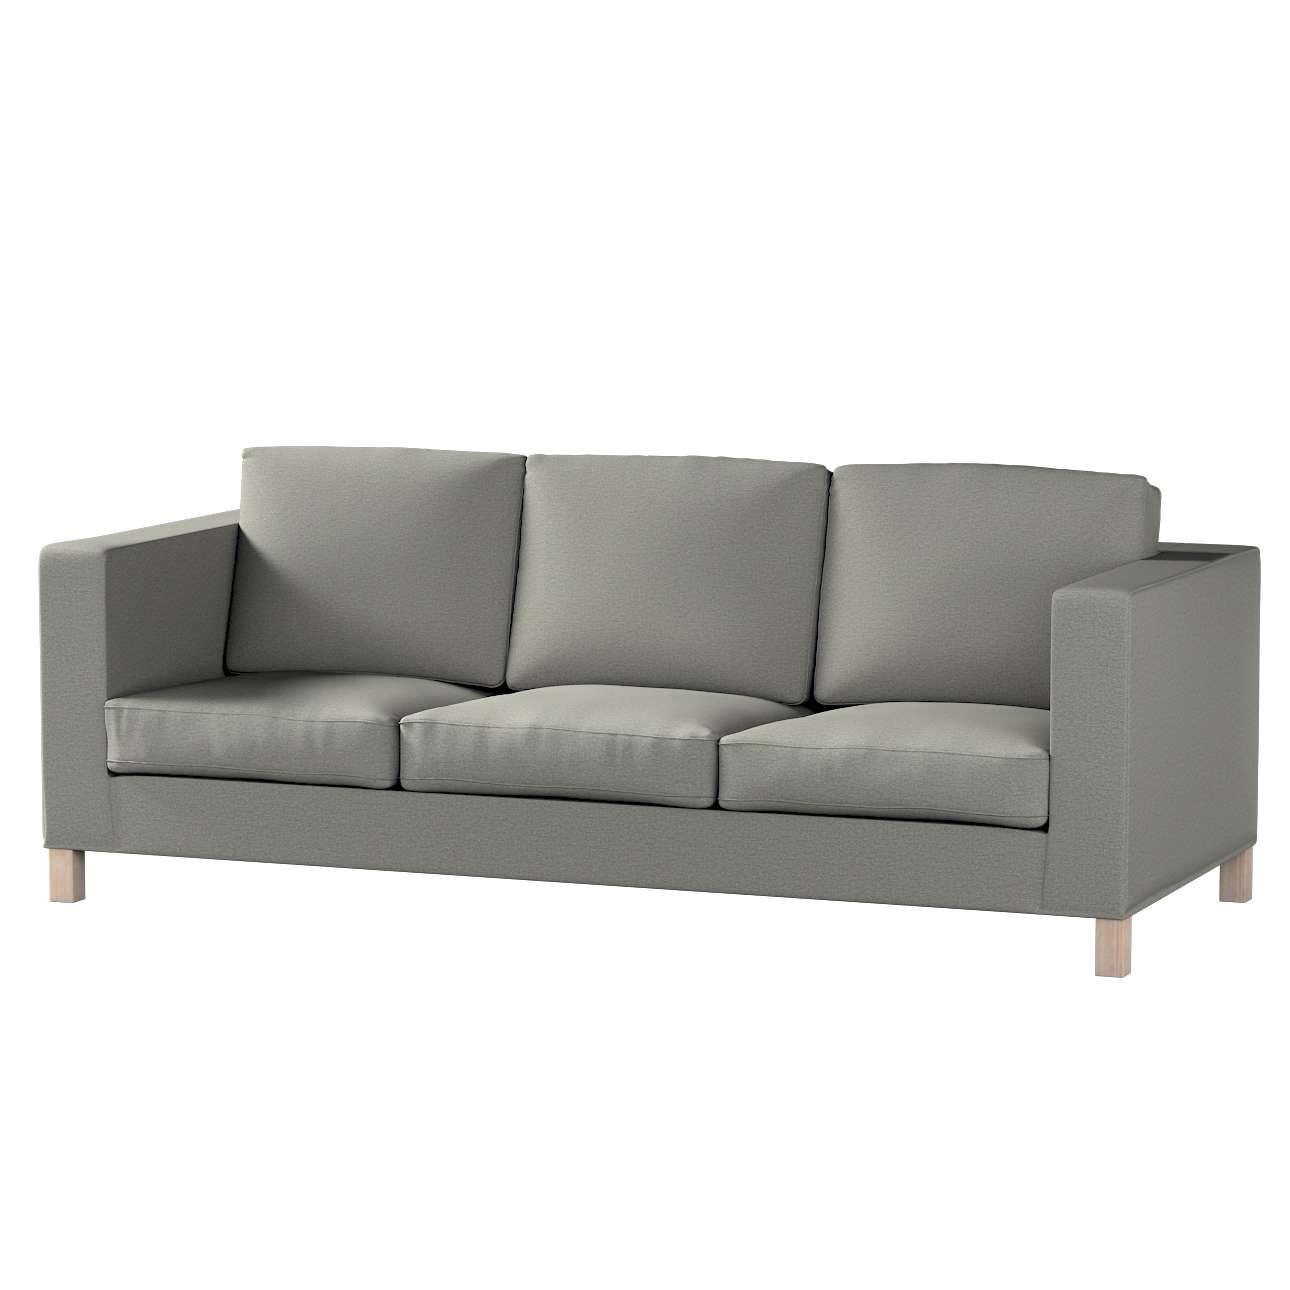 Karlanda klädsel <br>3-sits soffa - kort klädsel i kollektionen Etna, Tyg: 161-25